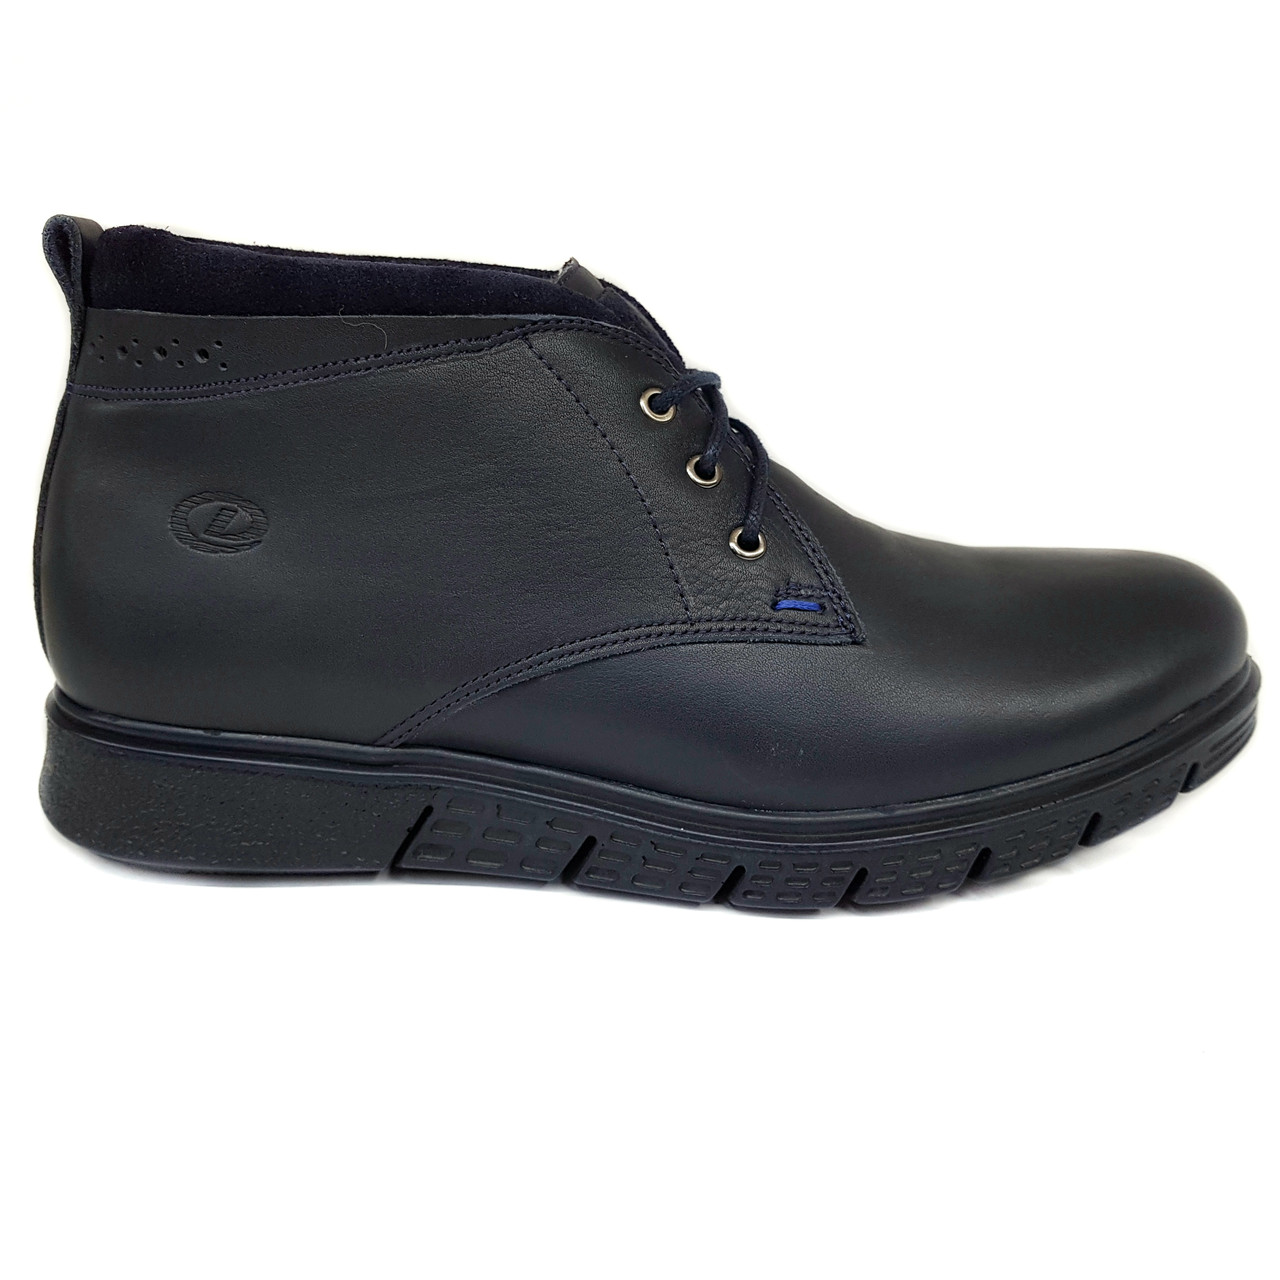 Зимние мужские кожаные ботинки Dan Shoes синие на меху B0023/23